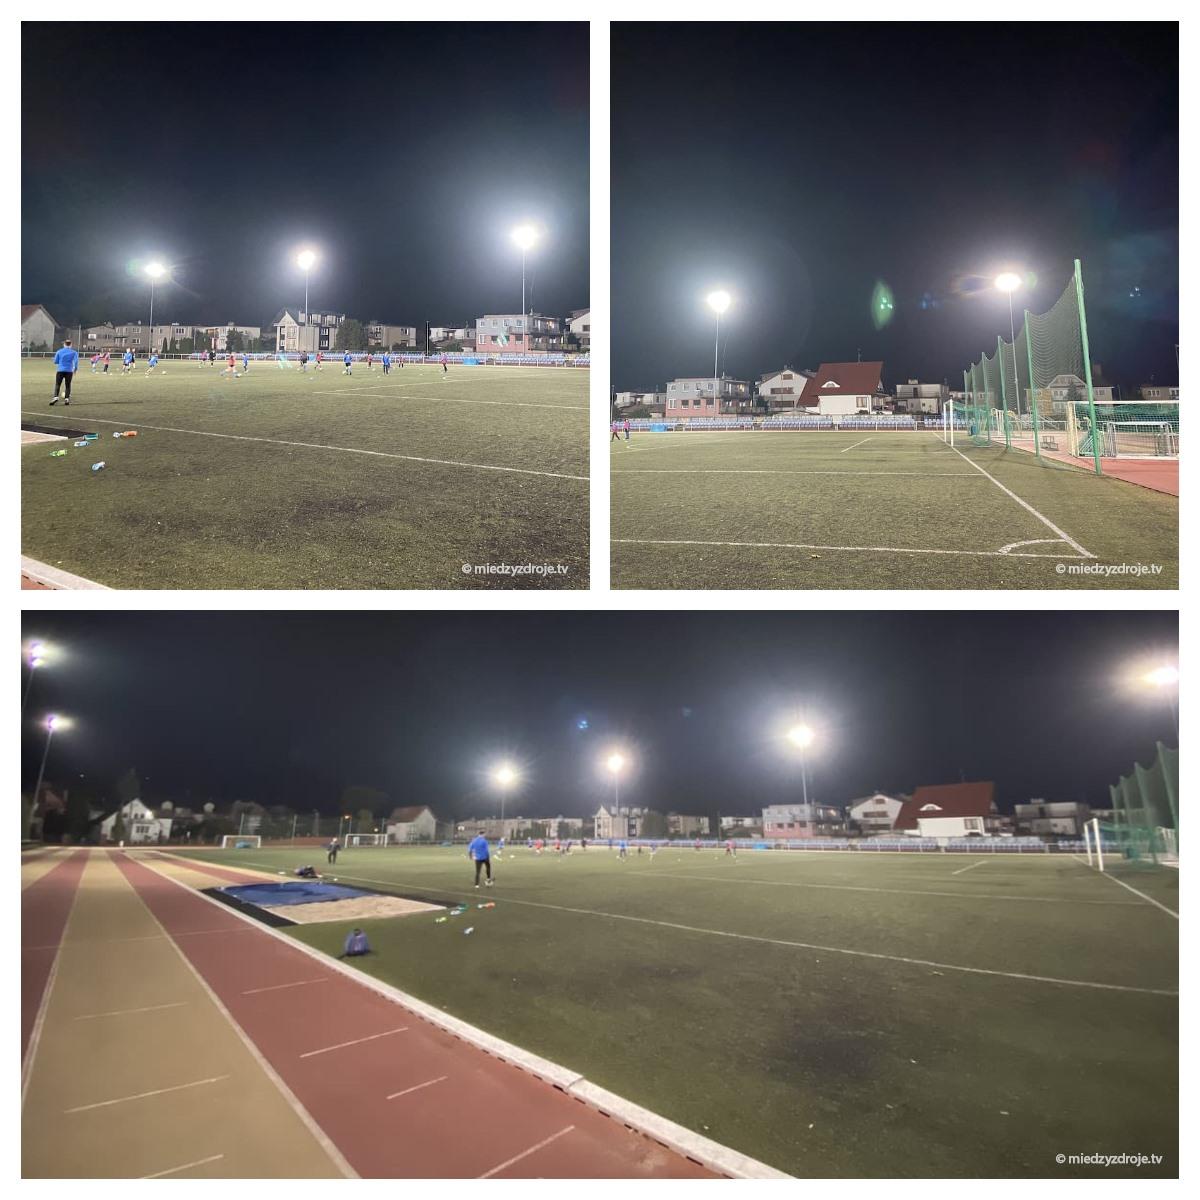 Stadion w Międzyzdrojach z nowoczesnym oświetleniem